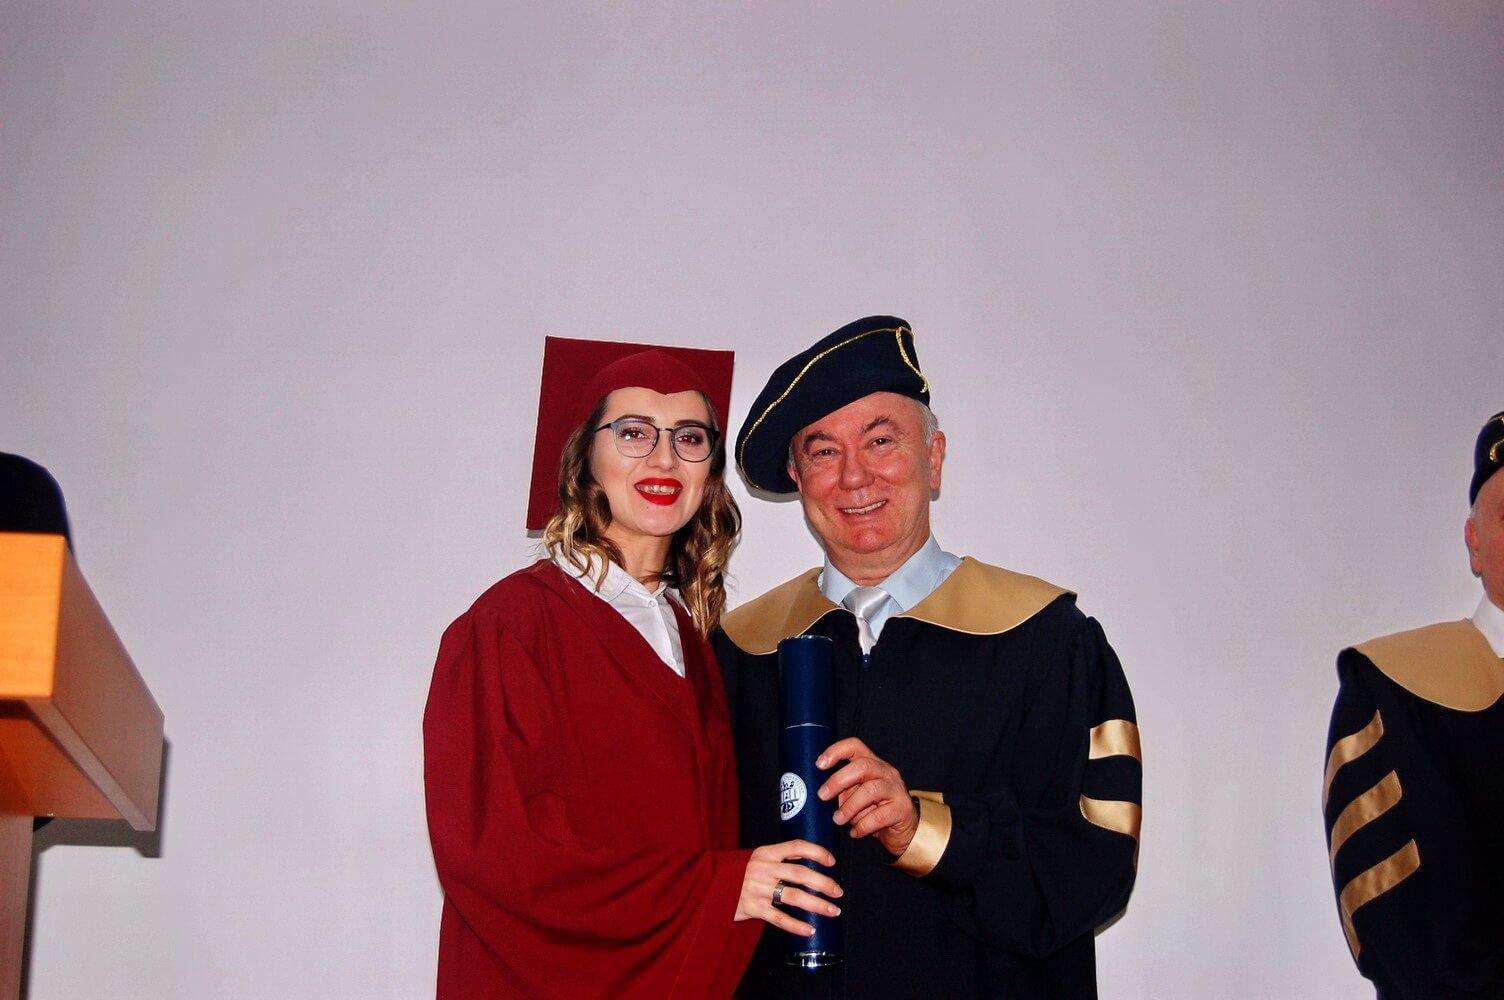 Dan Univerziteta 2020 158